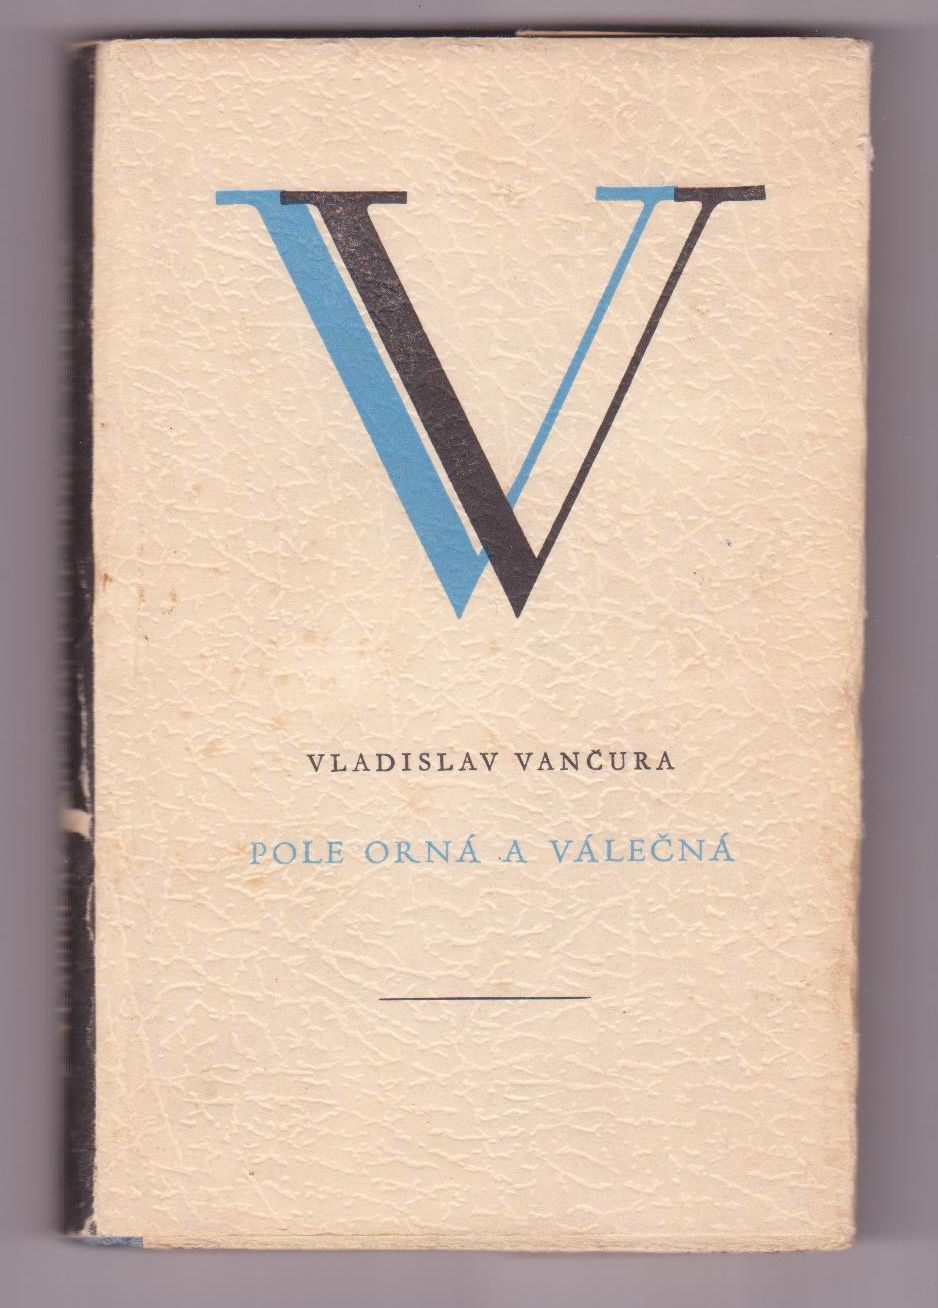 Pole orná a válečná - Vladislav Vančura